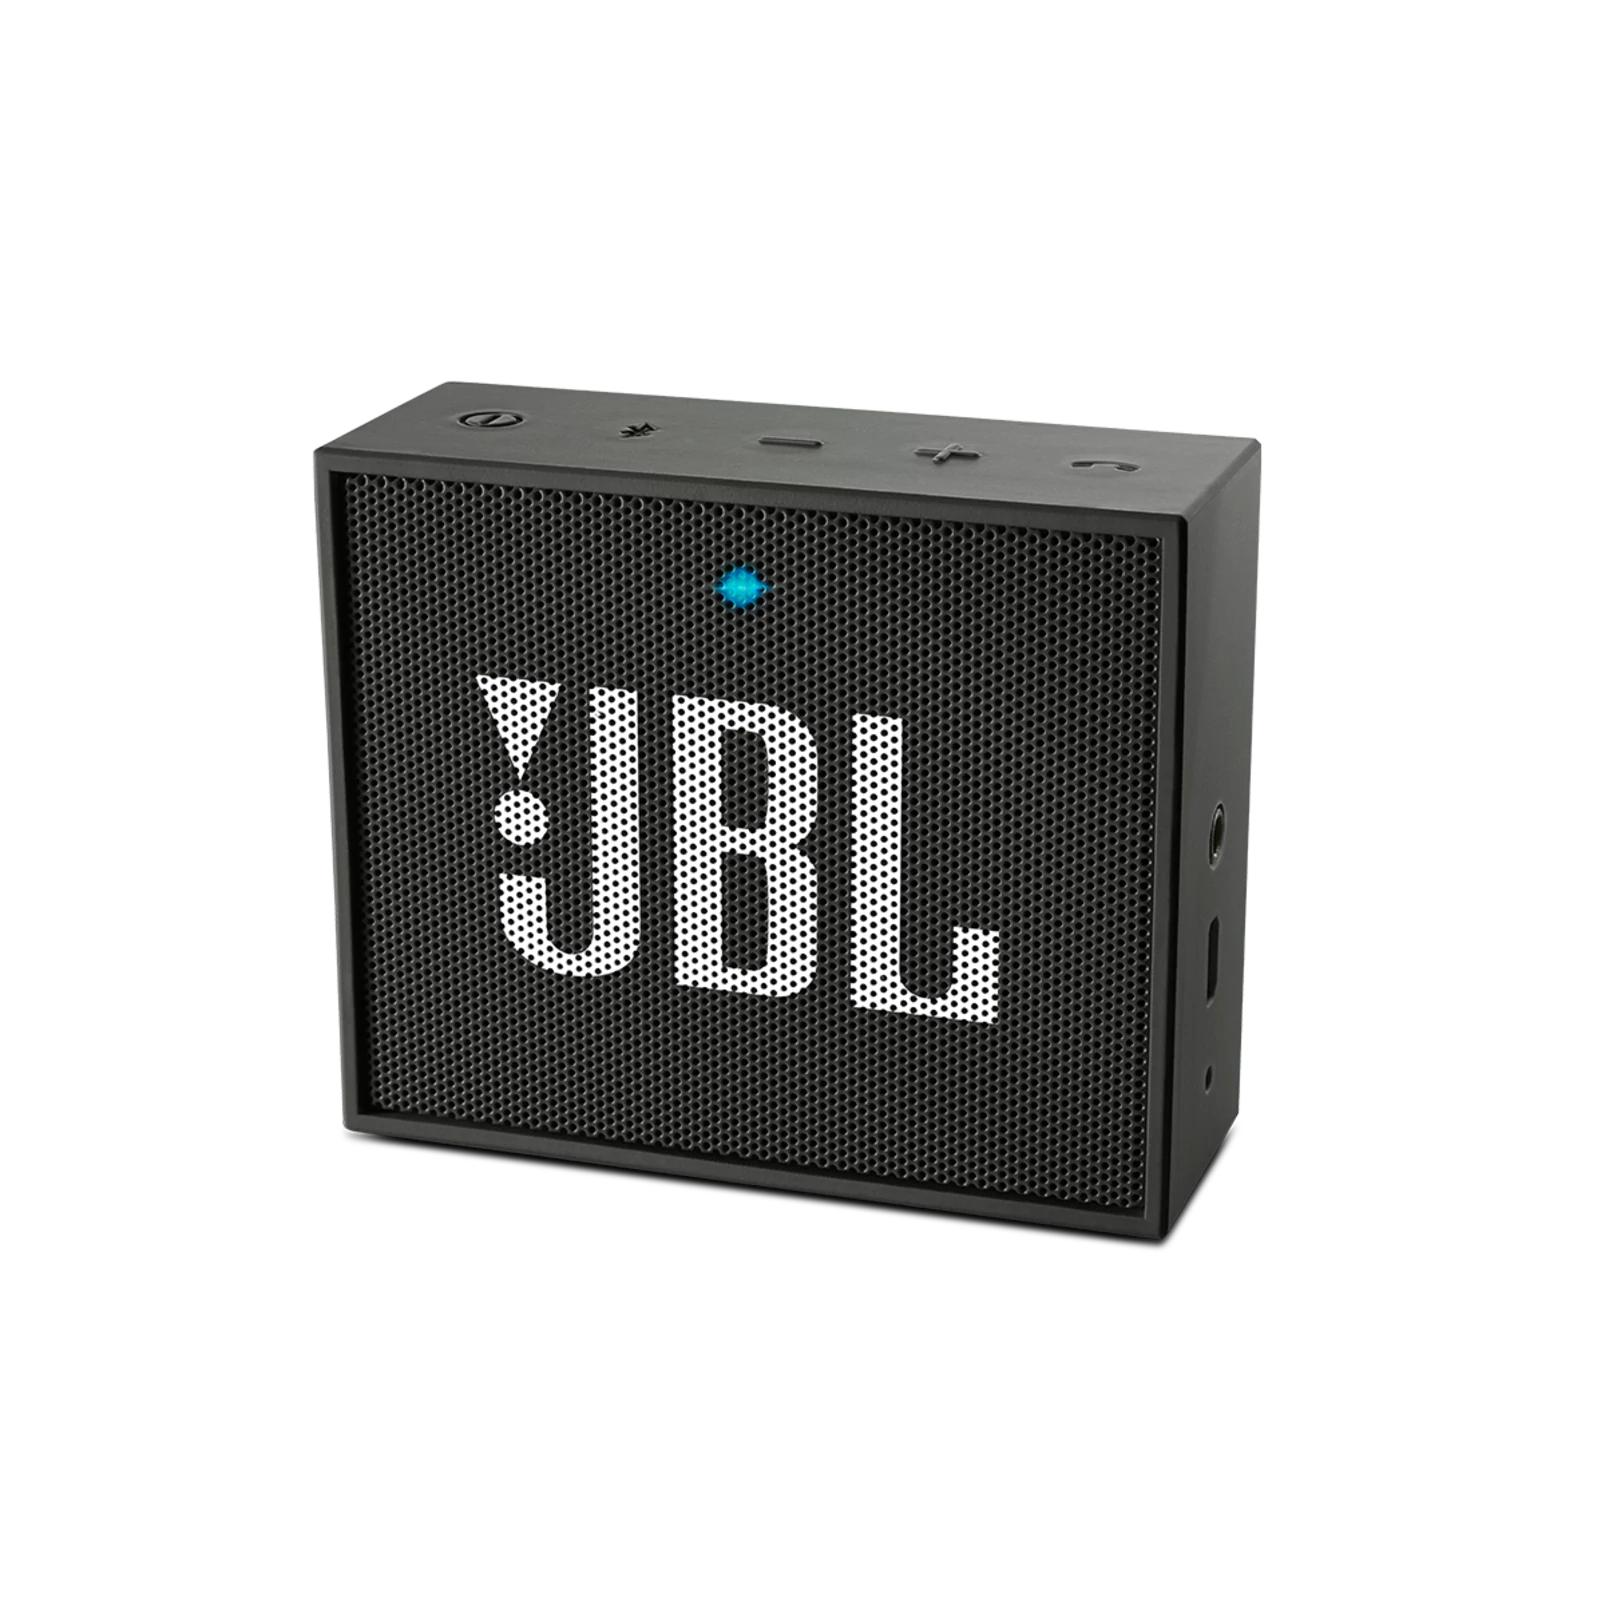 Sélection de produits en Promotion - Ex : Enceinte Bluetooth JBL Go (Coloris au choix) - Auchan Dieppe (76)